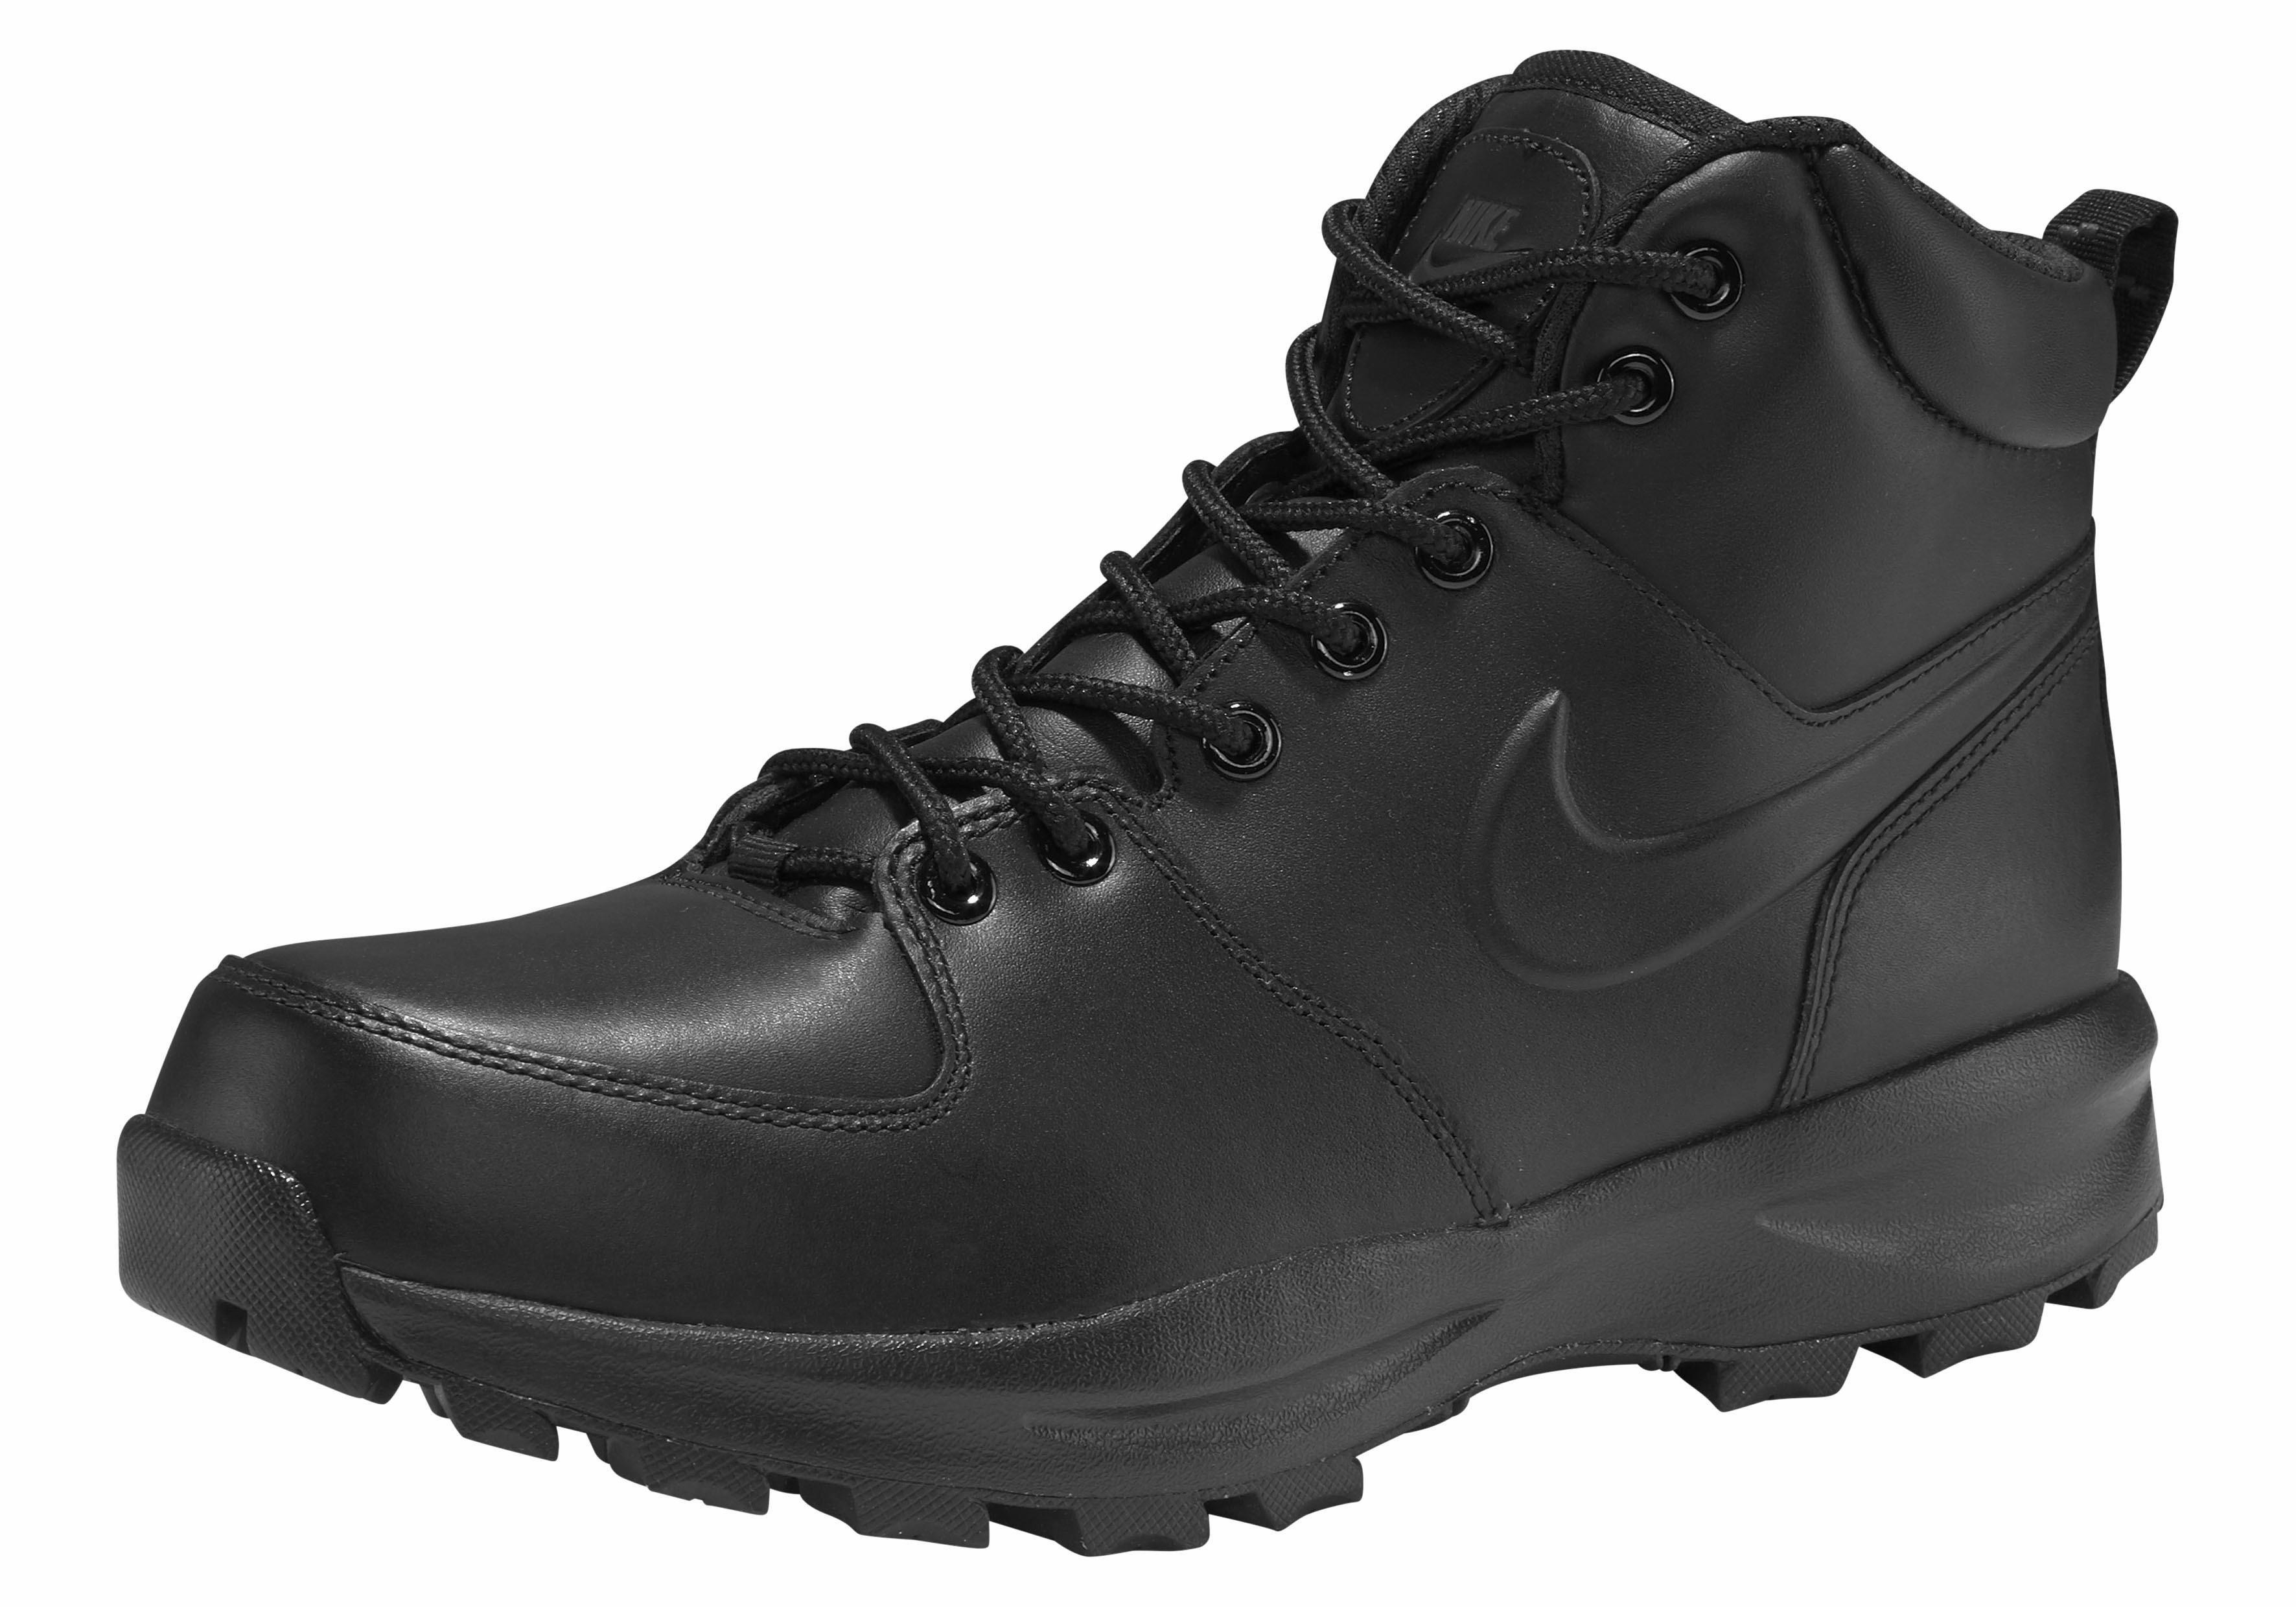 Nike Sportswear hoge veterschoenen Manoa Leather nu online kopen bij OTTO